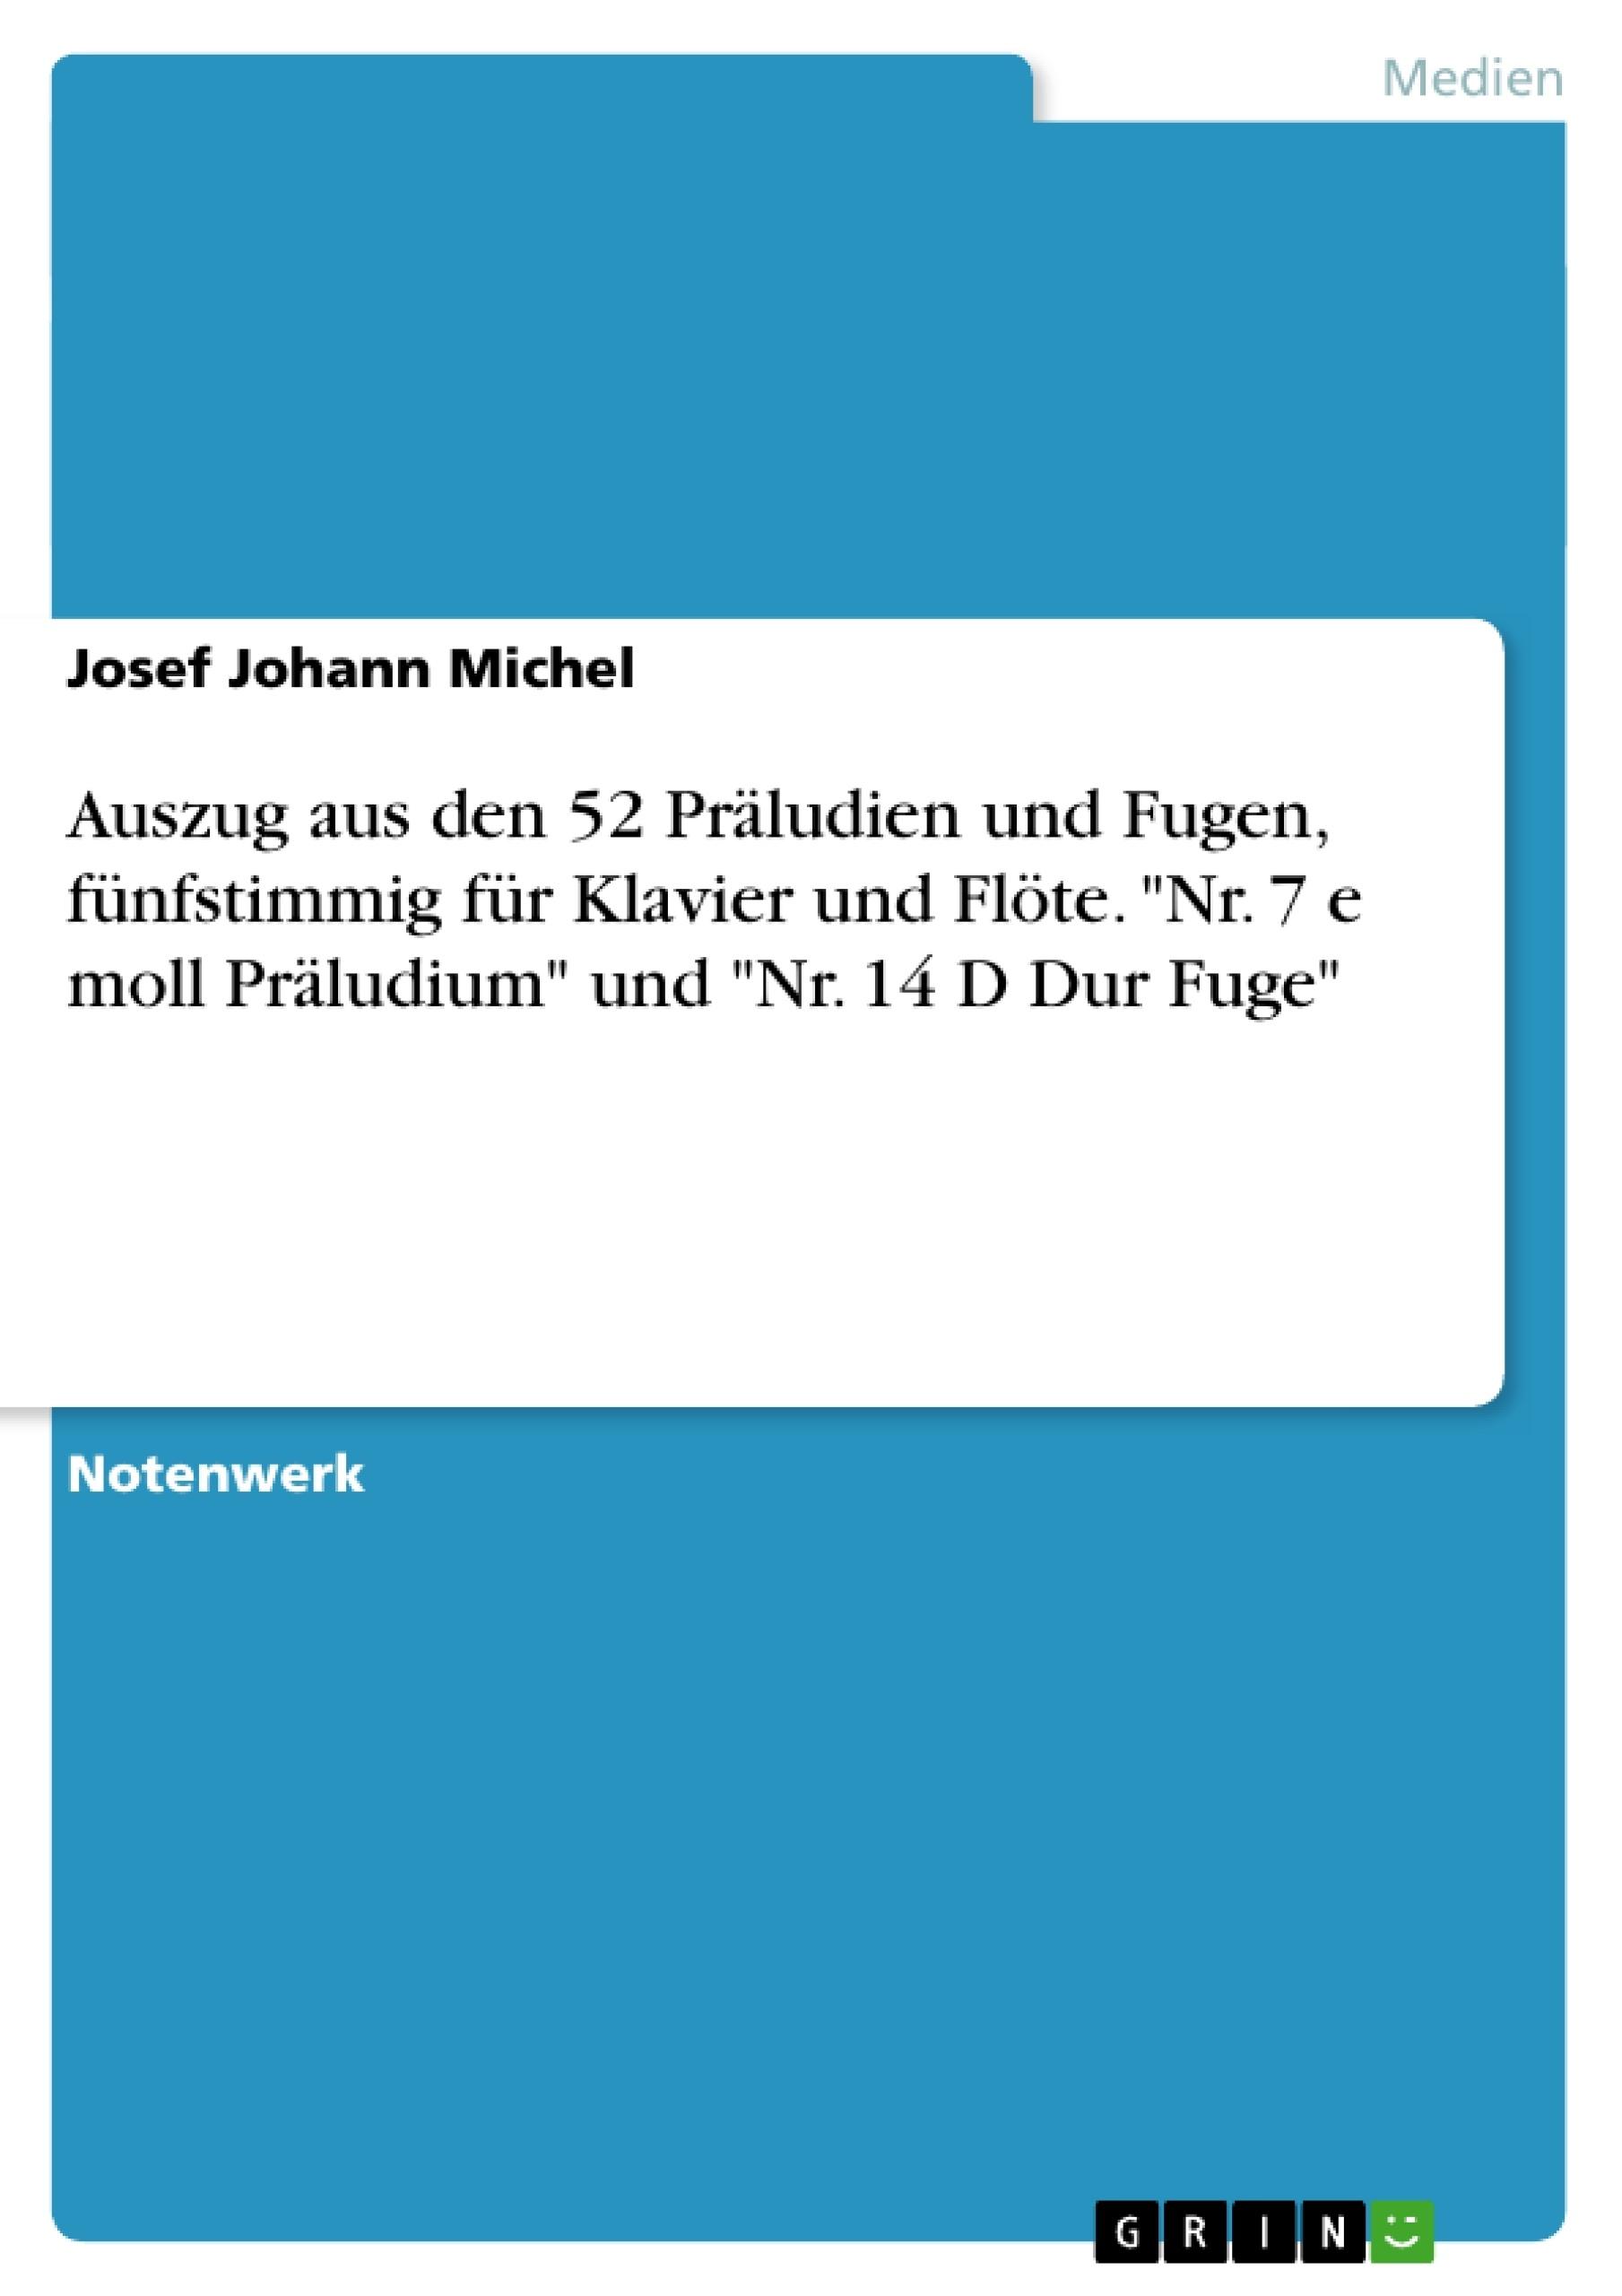 """Titel: Auszug aus den 52 Präludien und Fugen, fünfstimmig für Klavier und Flöte. """"Nr. 7 e moll Präludium"""" und """"Nr. 14 D Dur Fuge"""""""